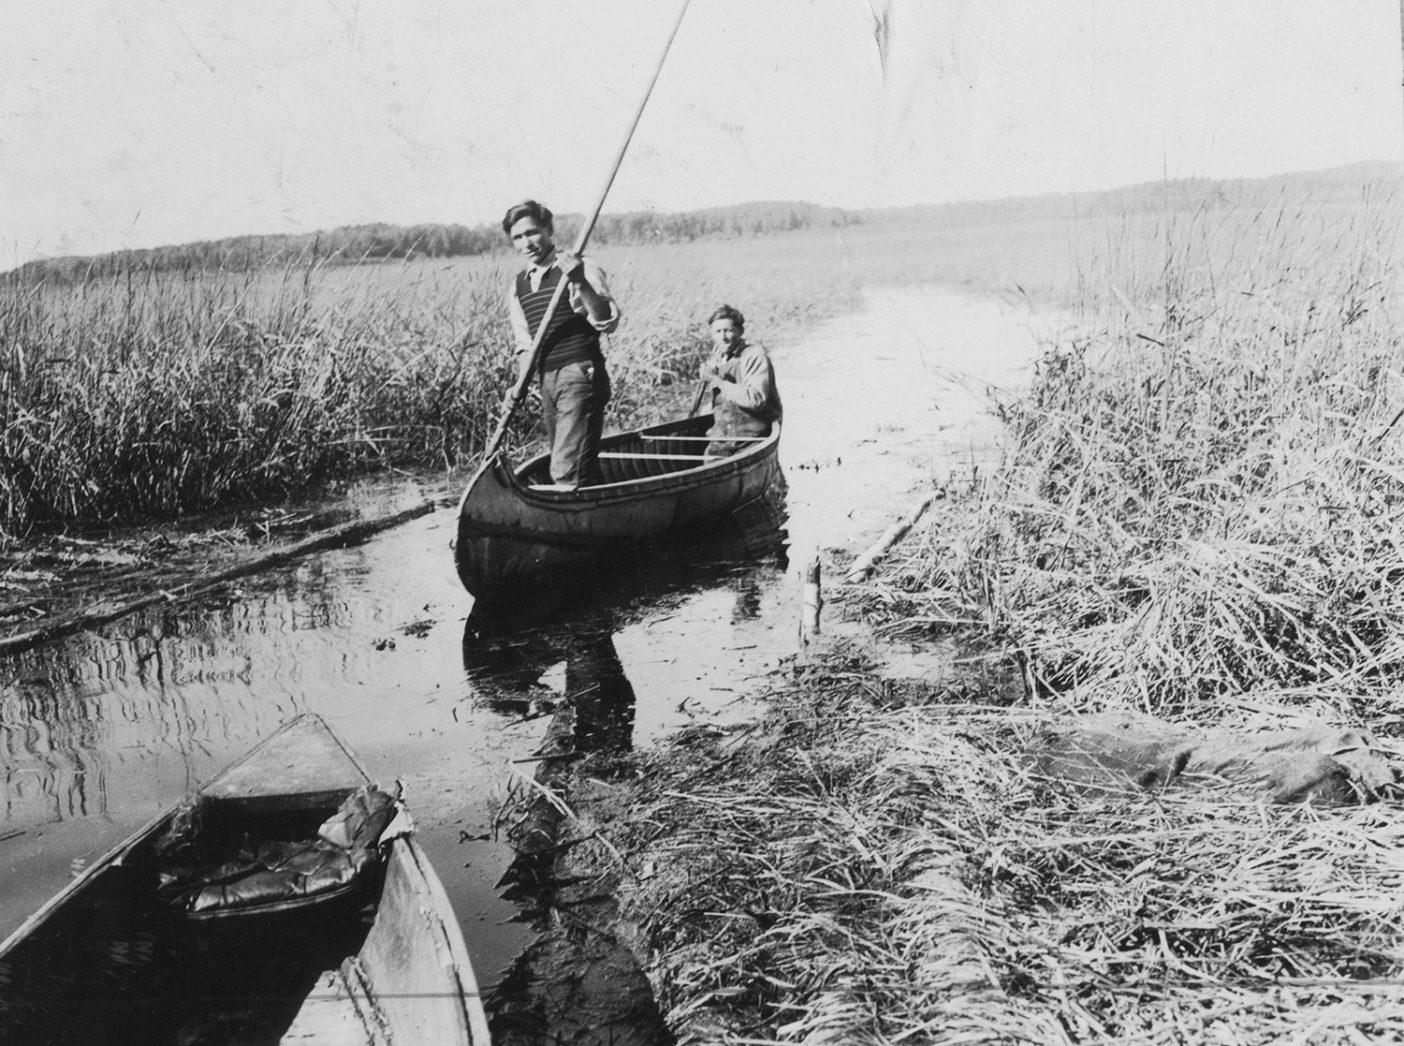 20世紀初頭から中期に、ミネソタ州の湖沼でワイルドライスを探す2人の男性。パイプライン建設に声高に反対する多くのアメリカ先住民族は、彼らにとって神聖な、そしてミネソタはその産地としてとくに有名な、ワイルドライスの水田のことを心配している。 Photo: Visual Studies Workshop/Getty Images